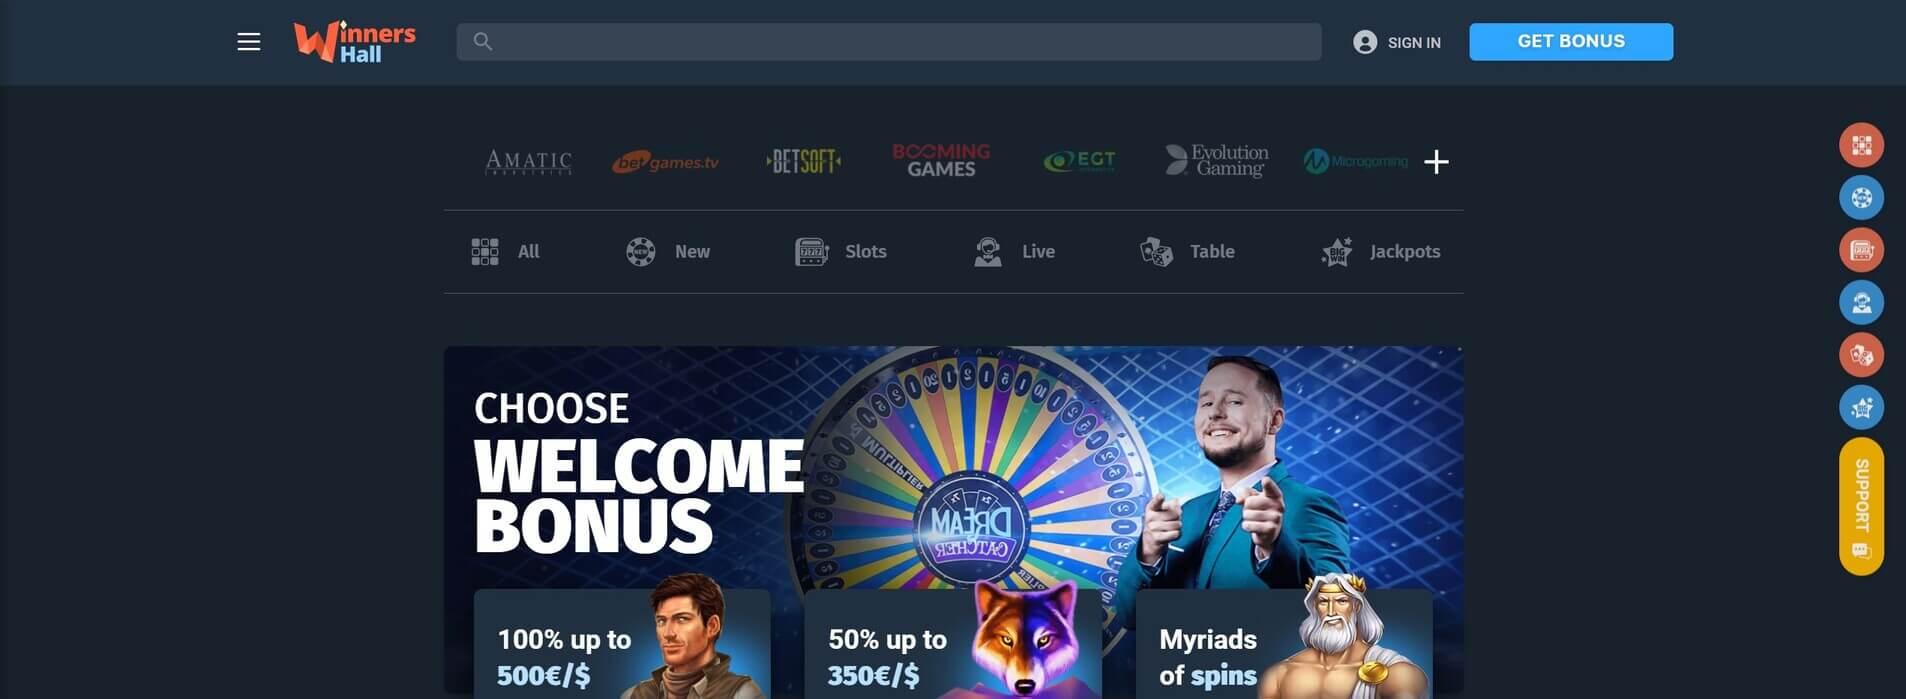 WinnersHall Casino